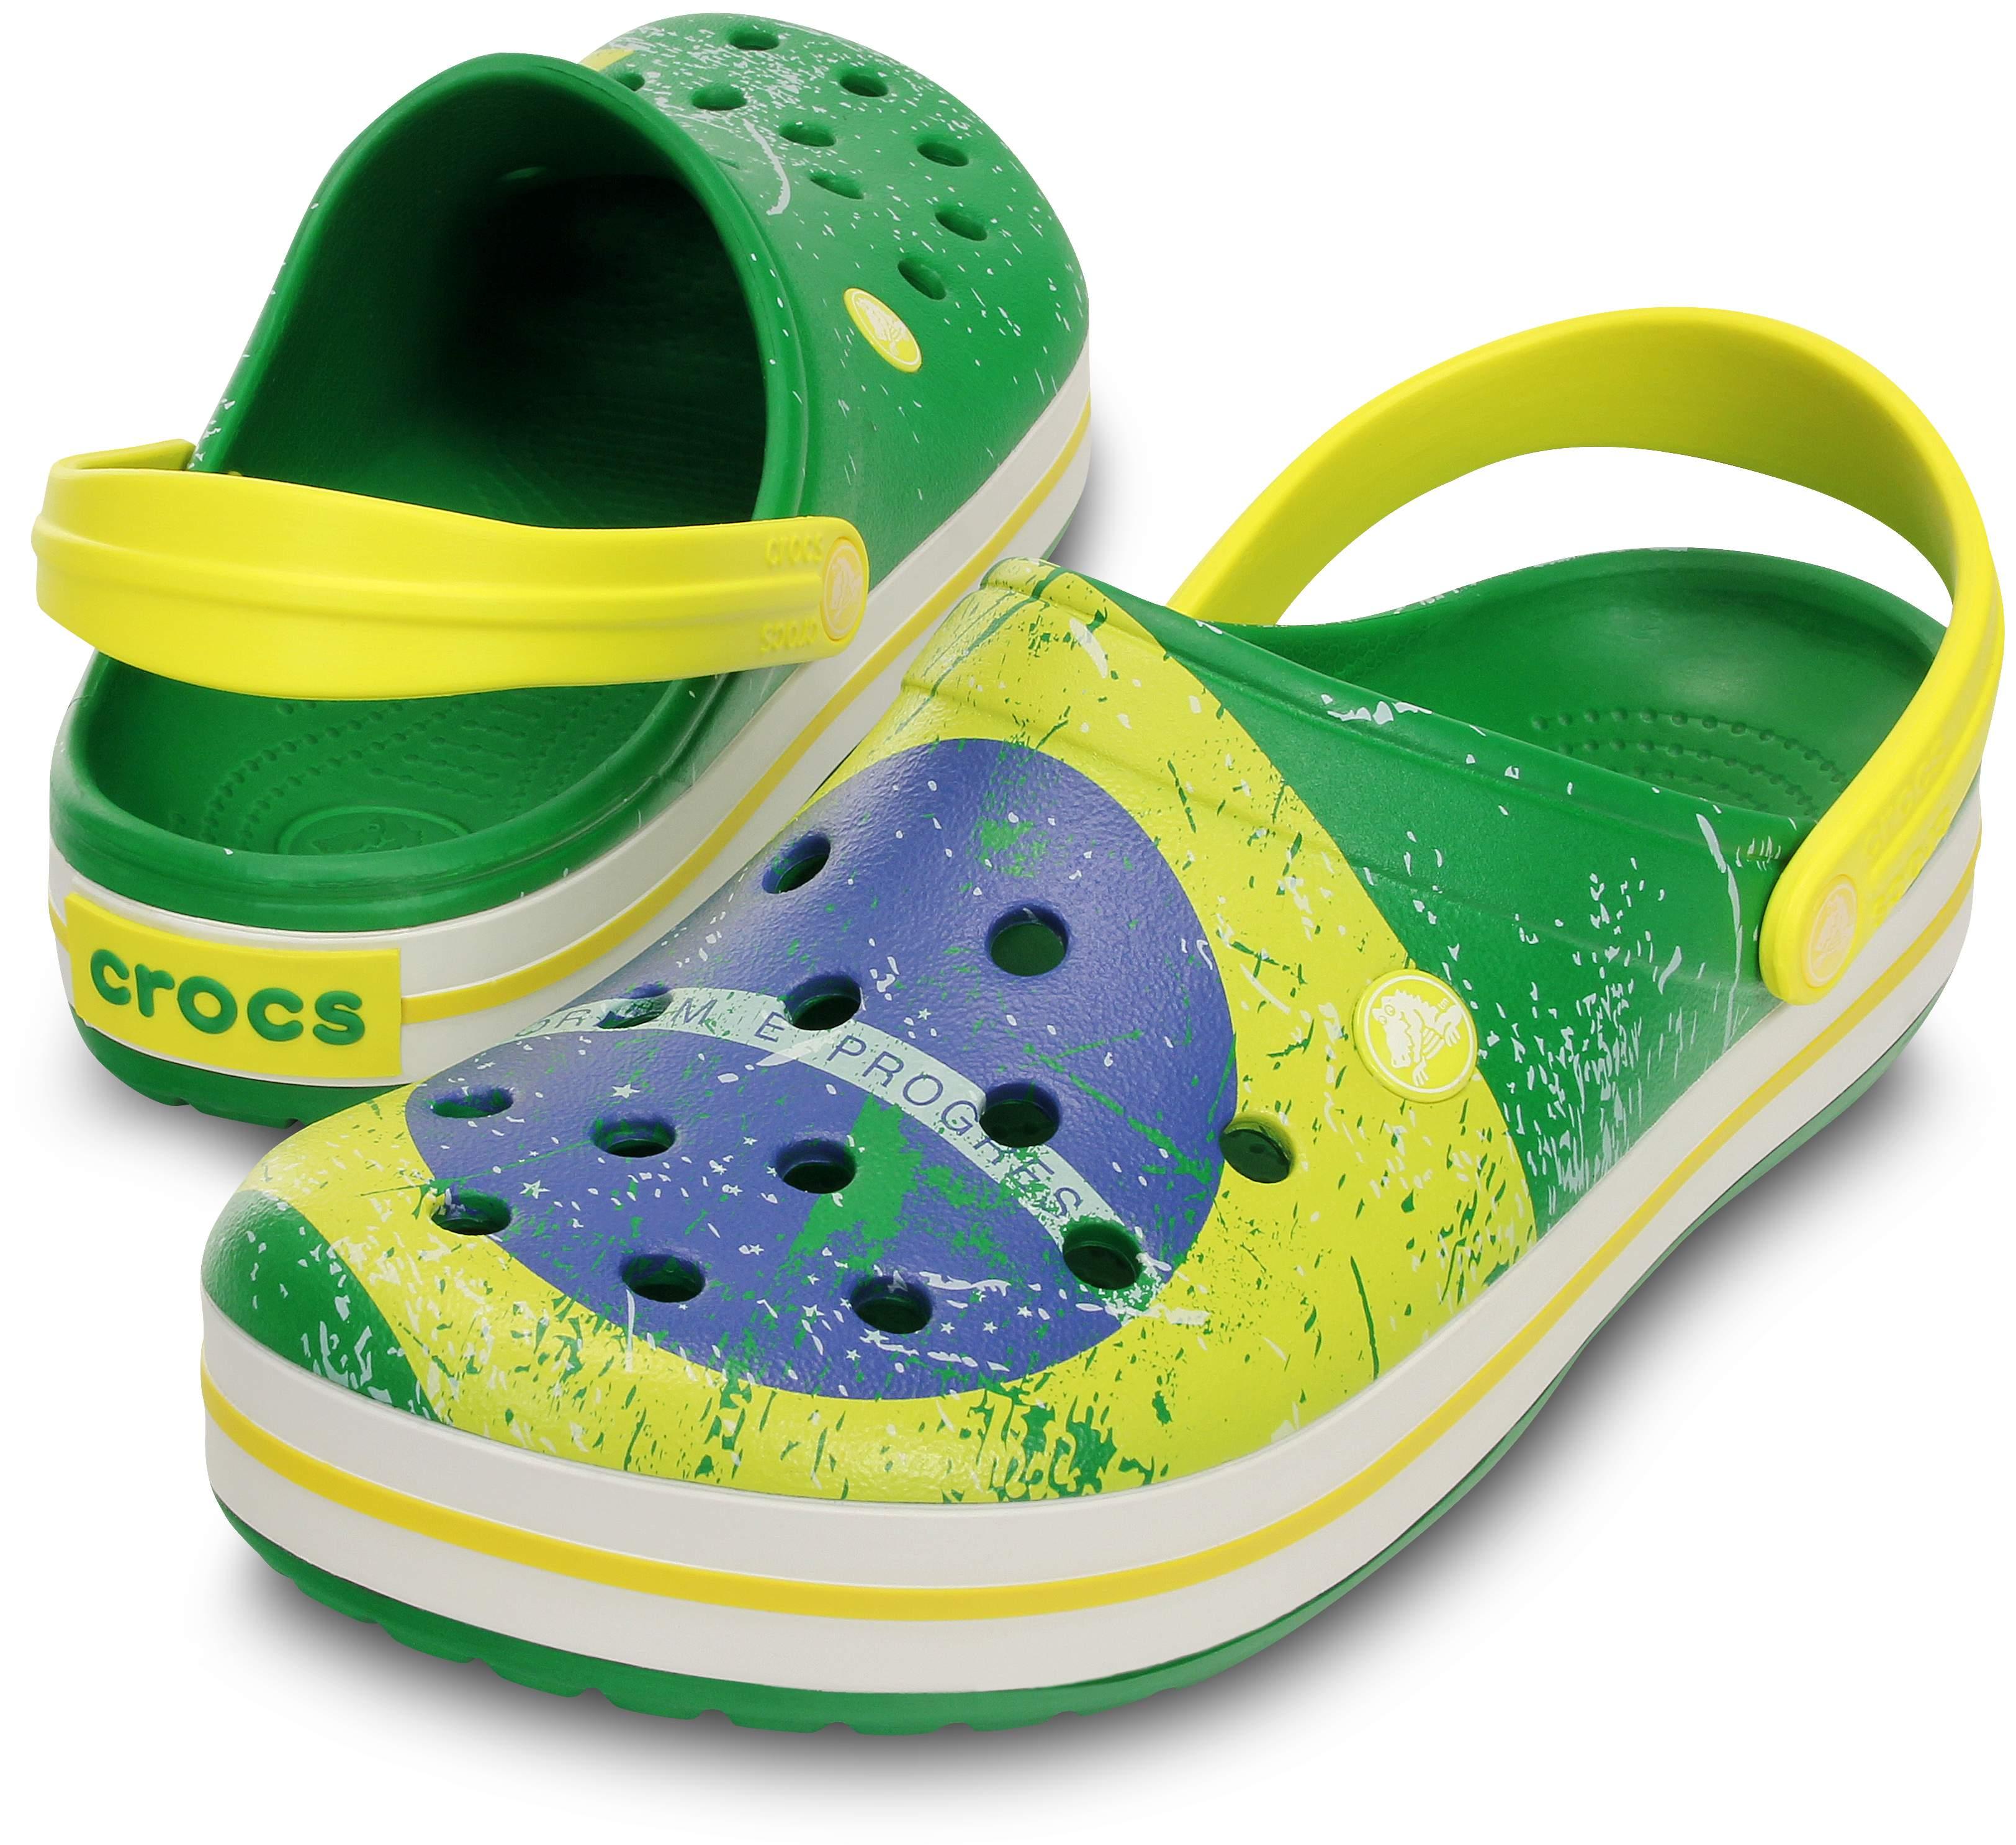 <クロックス公式> クロックバンド ブラジル クロッグ - Crocband Brazil Clog (送料無料)